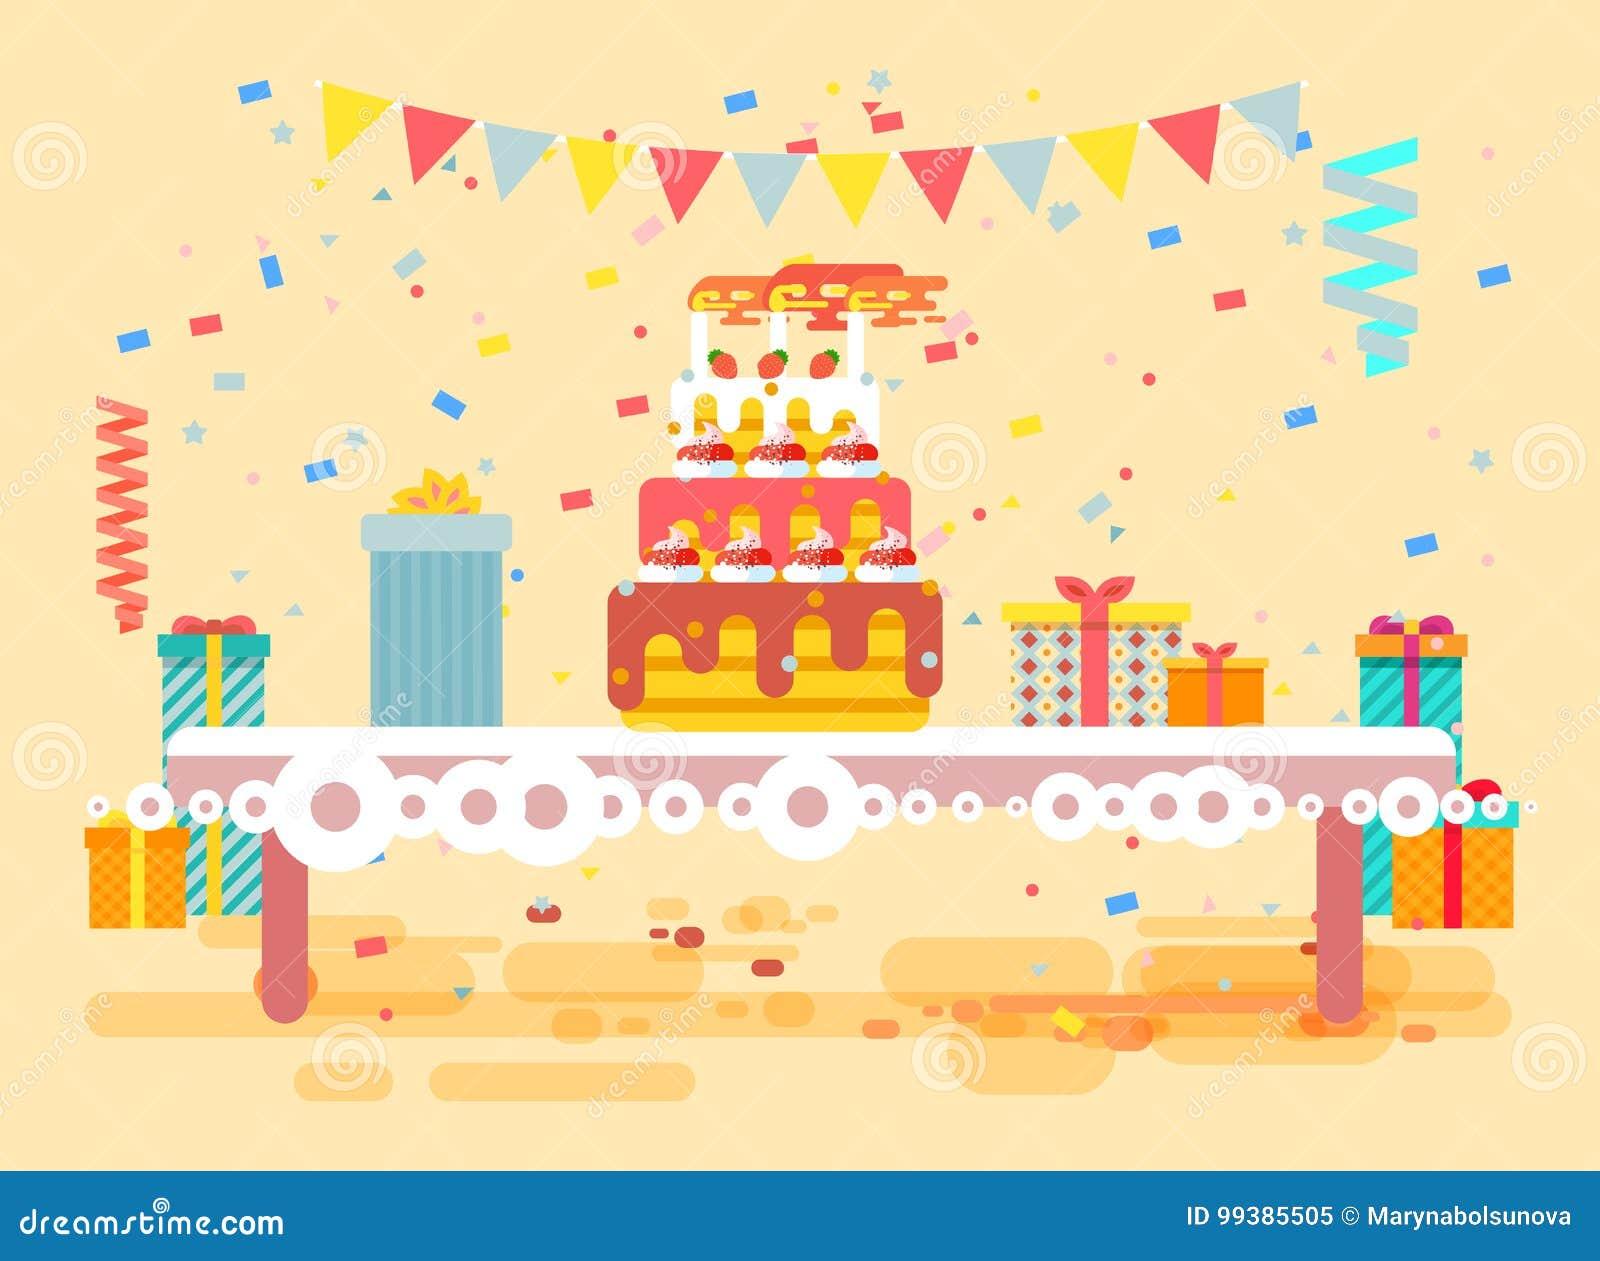 Wektorowy ilustracyjny ogromny świąteczny tort z świeczkami na stole, confetti, świętuje wszystkiego najlepszego z okazji urodzin